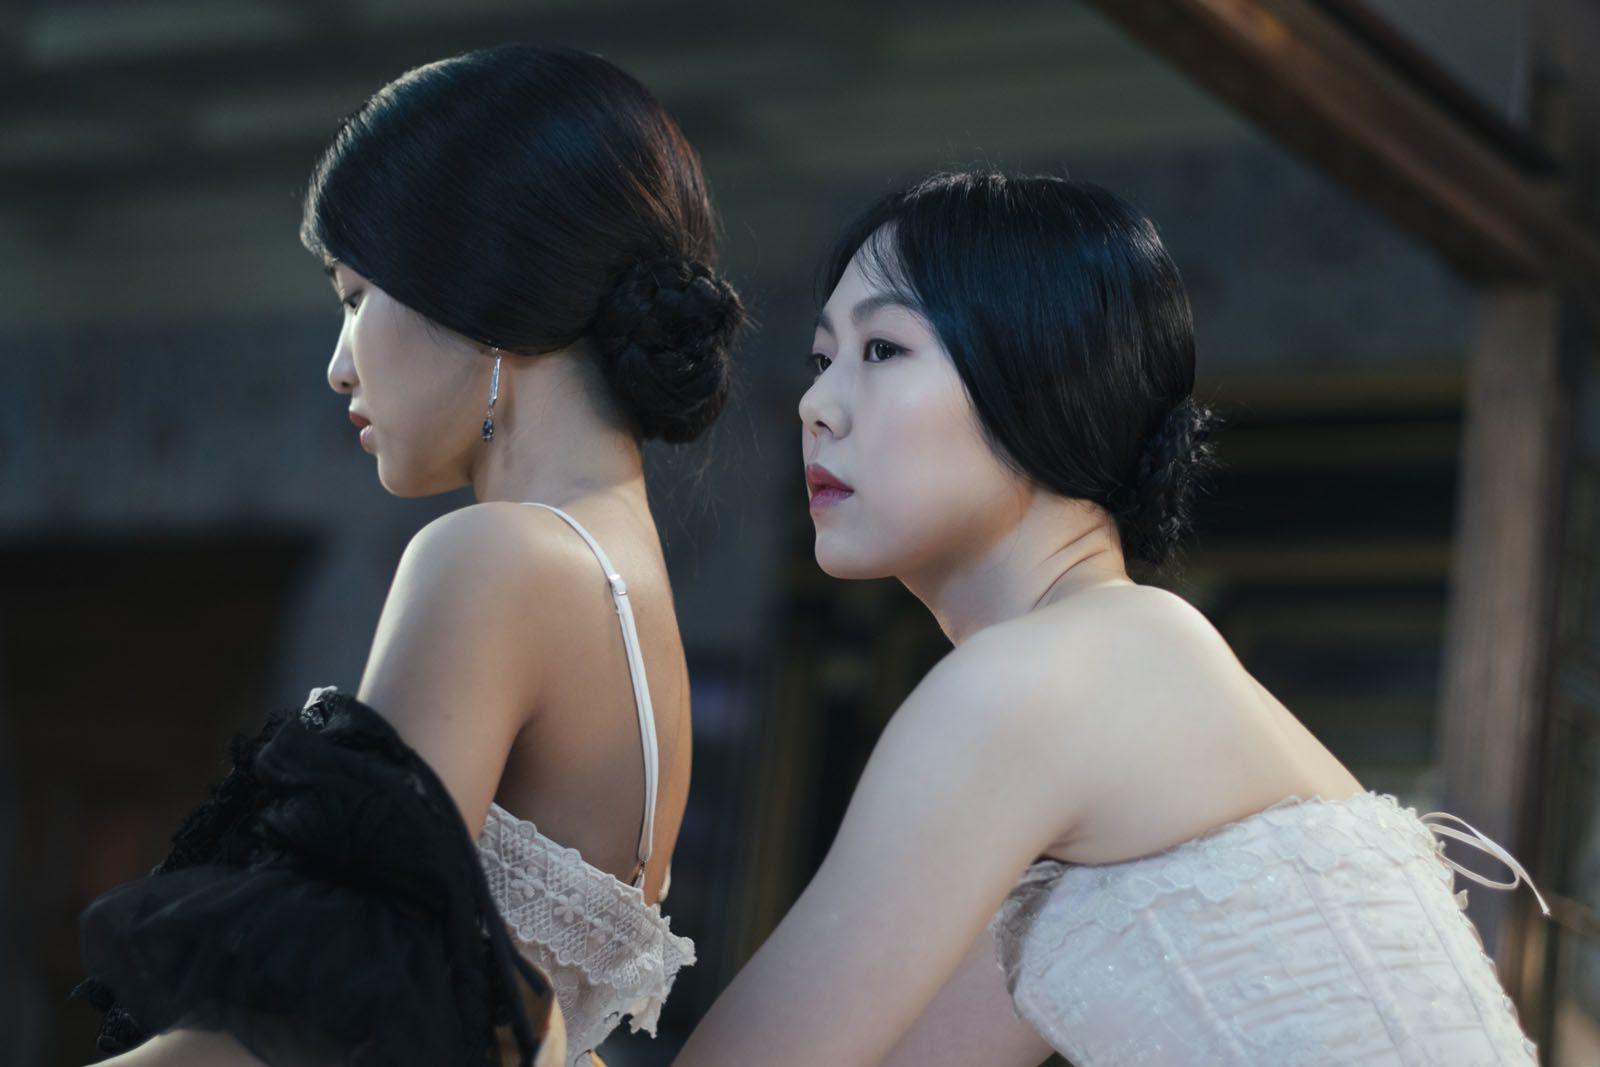 MADEMOISELLE (Agassi) (BANDE ANNONCE VOST) Un film de Park Chan-wook - Le 1er novembre 2016 au cinéma